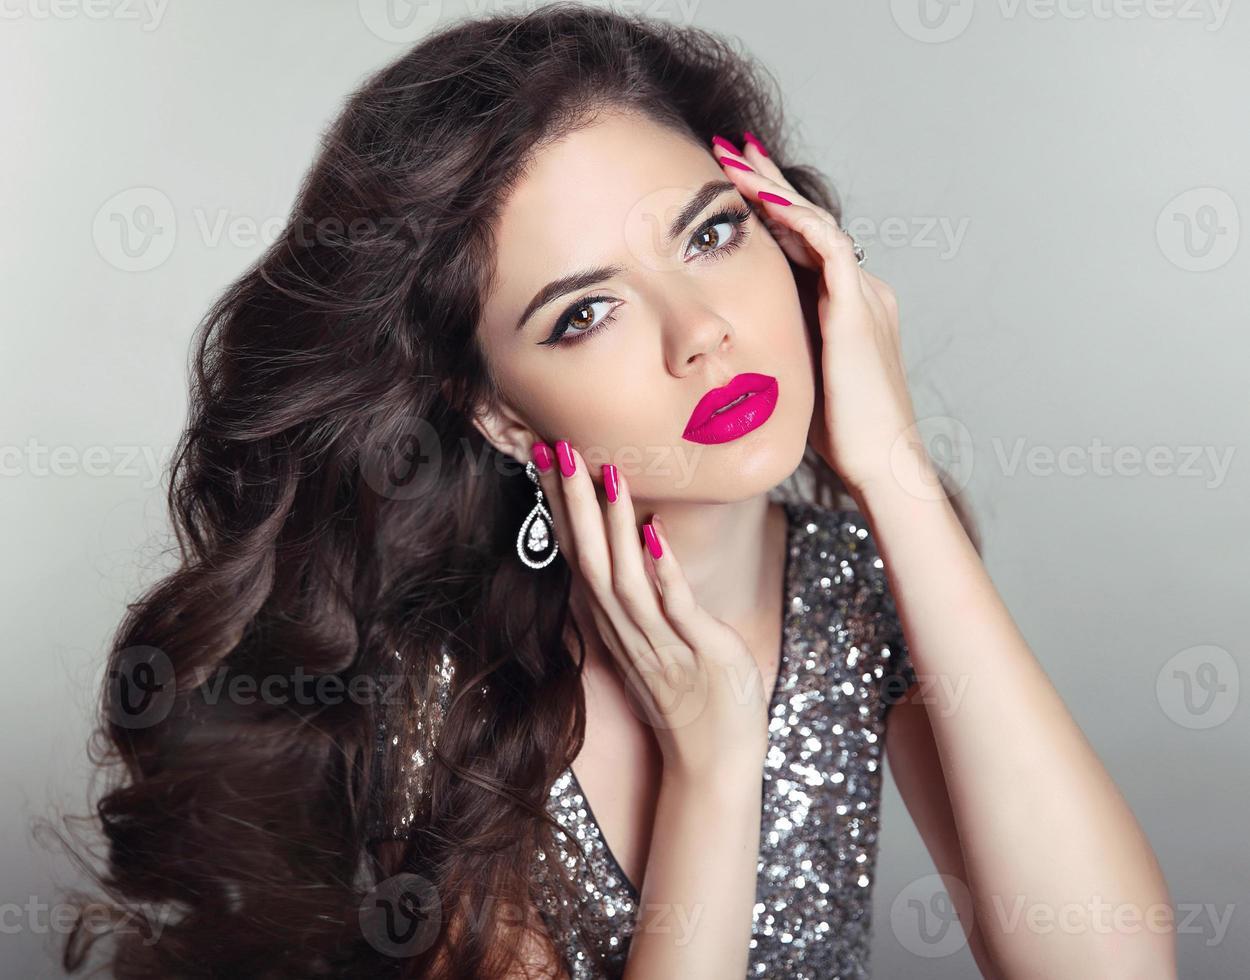 maquillaje. Retrato de niña hermosa. pelo largo. moda morena foto